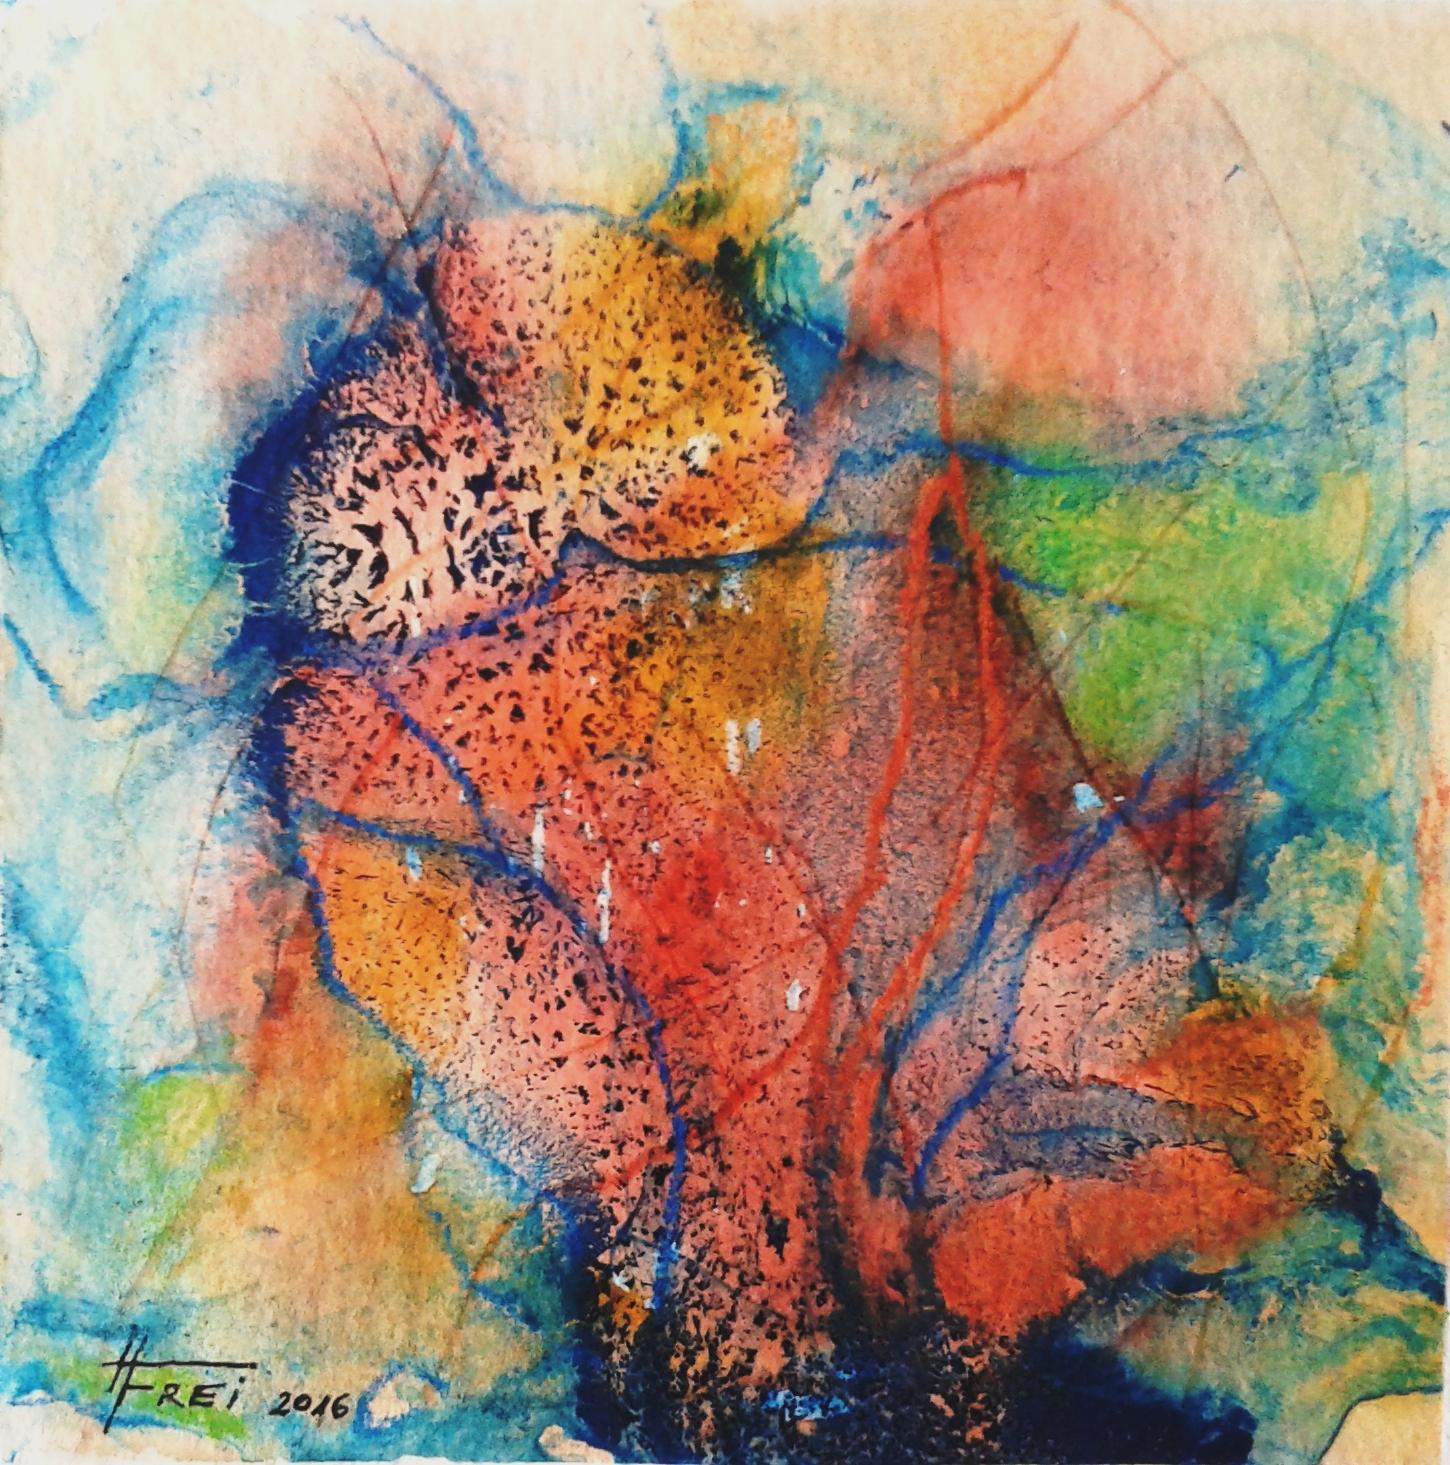 ART HFrei - Eingebettet